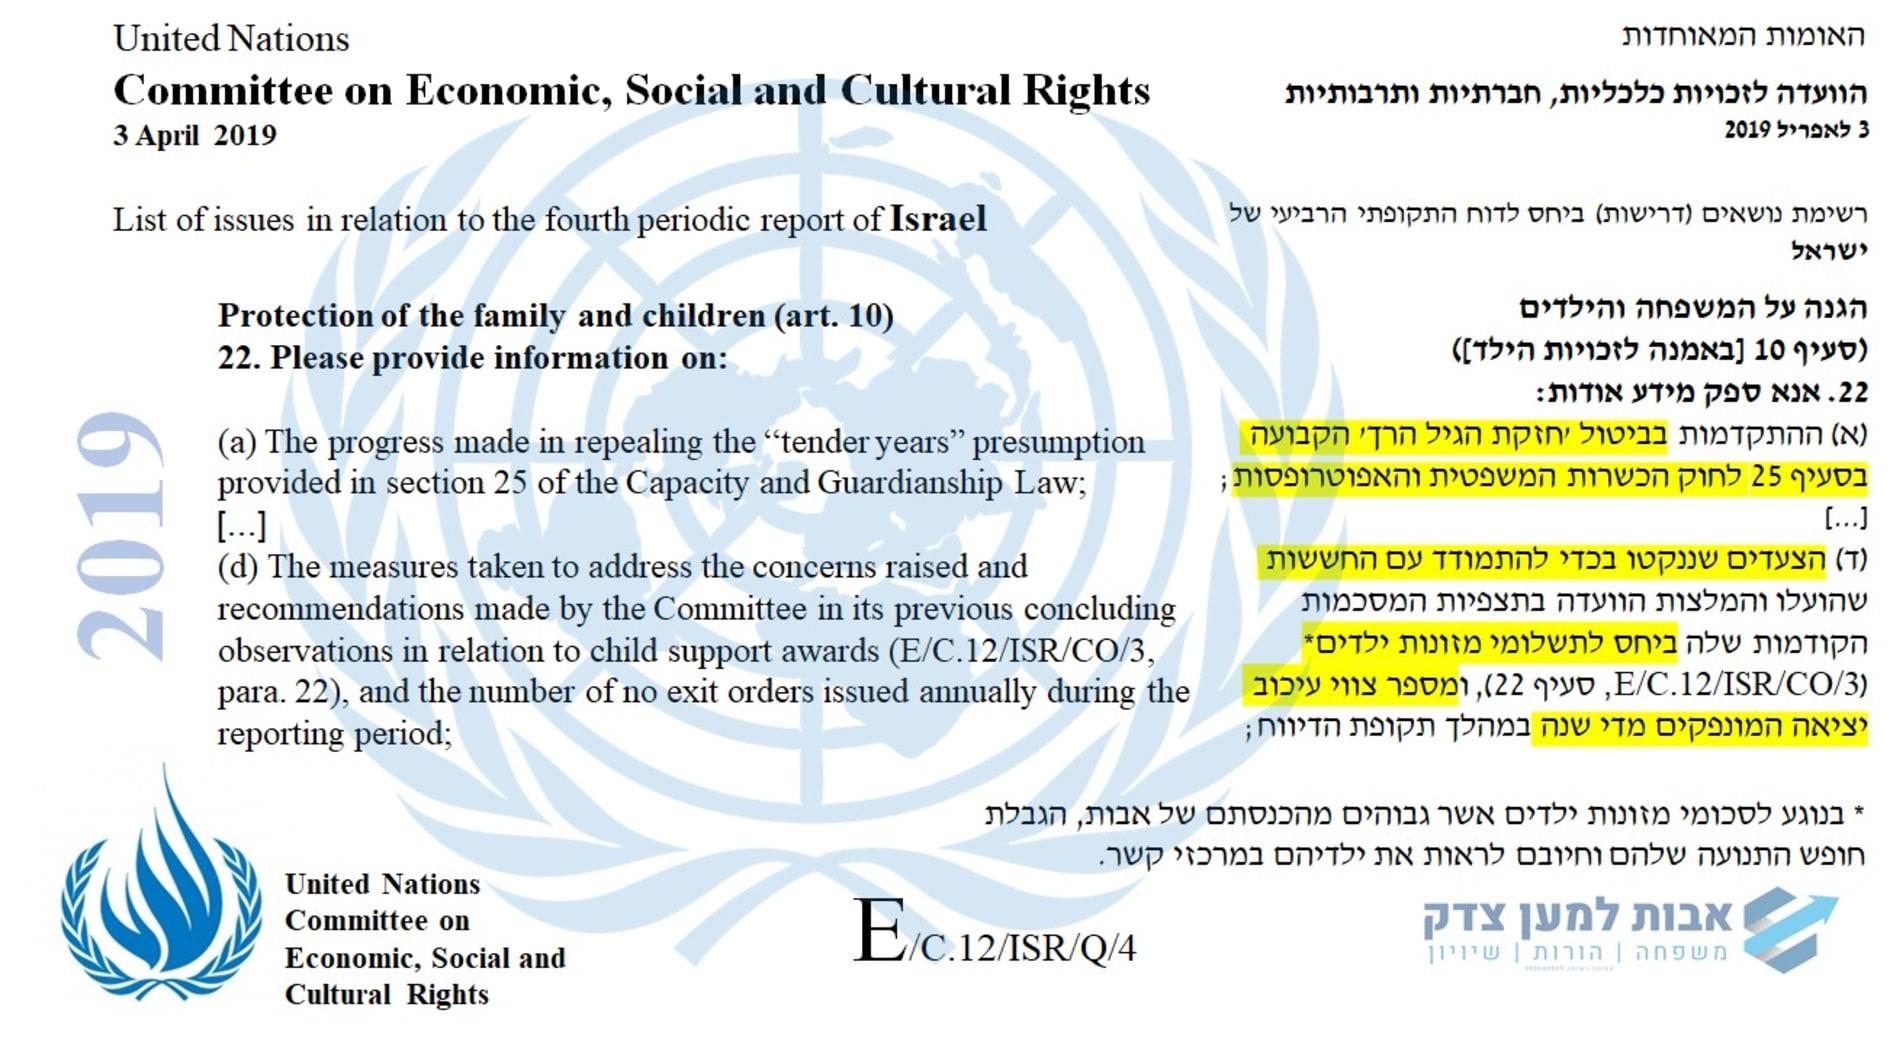 """וועדת האו""""ם לזכויות כלכליות, חברתיות ותרבותיות 2019"""